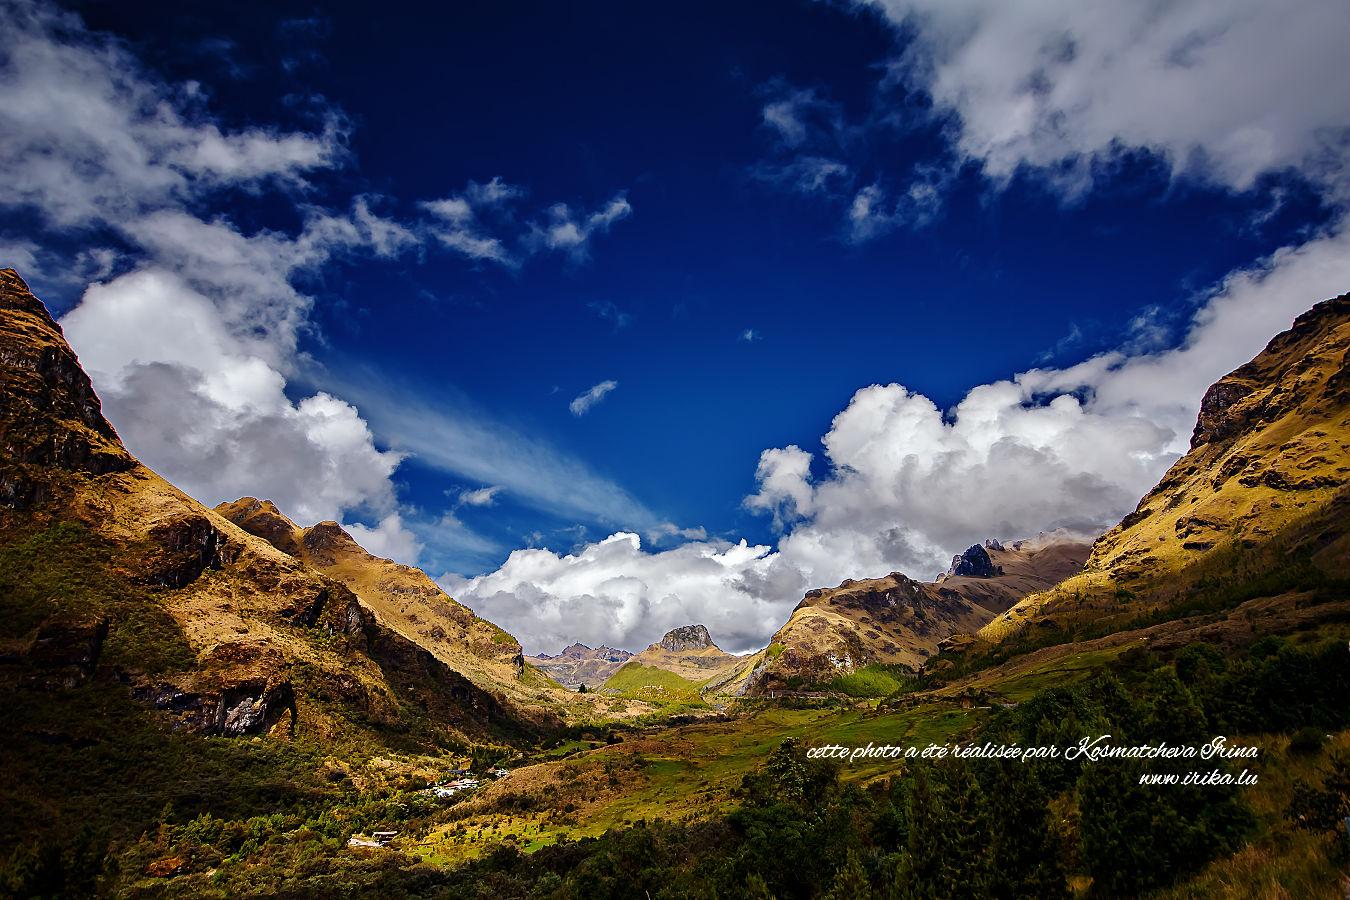 Passage entre les montagnes